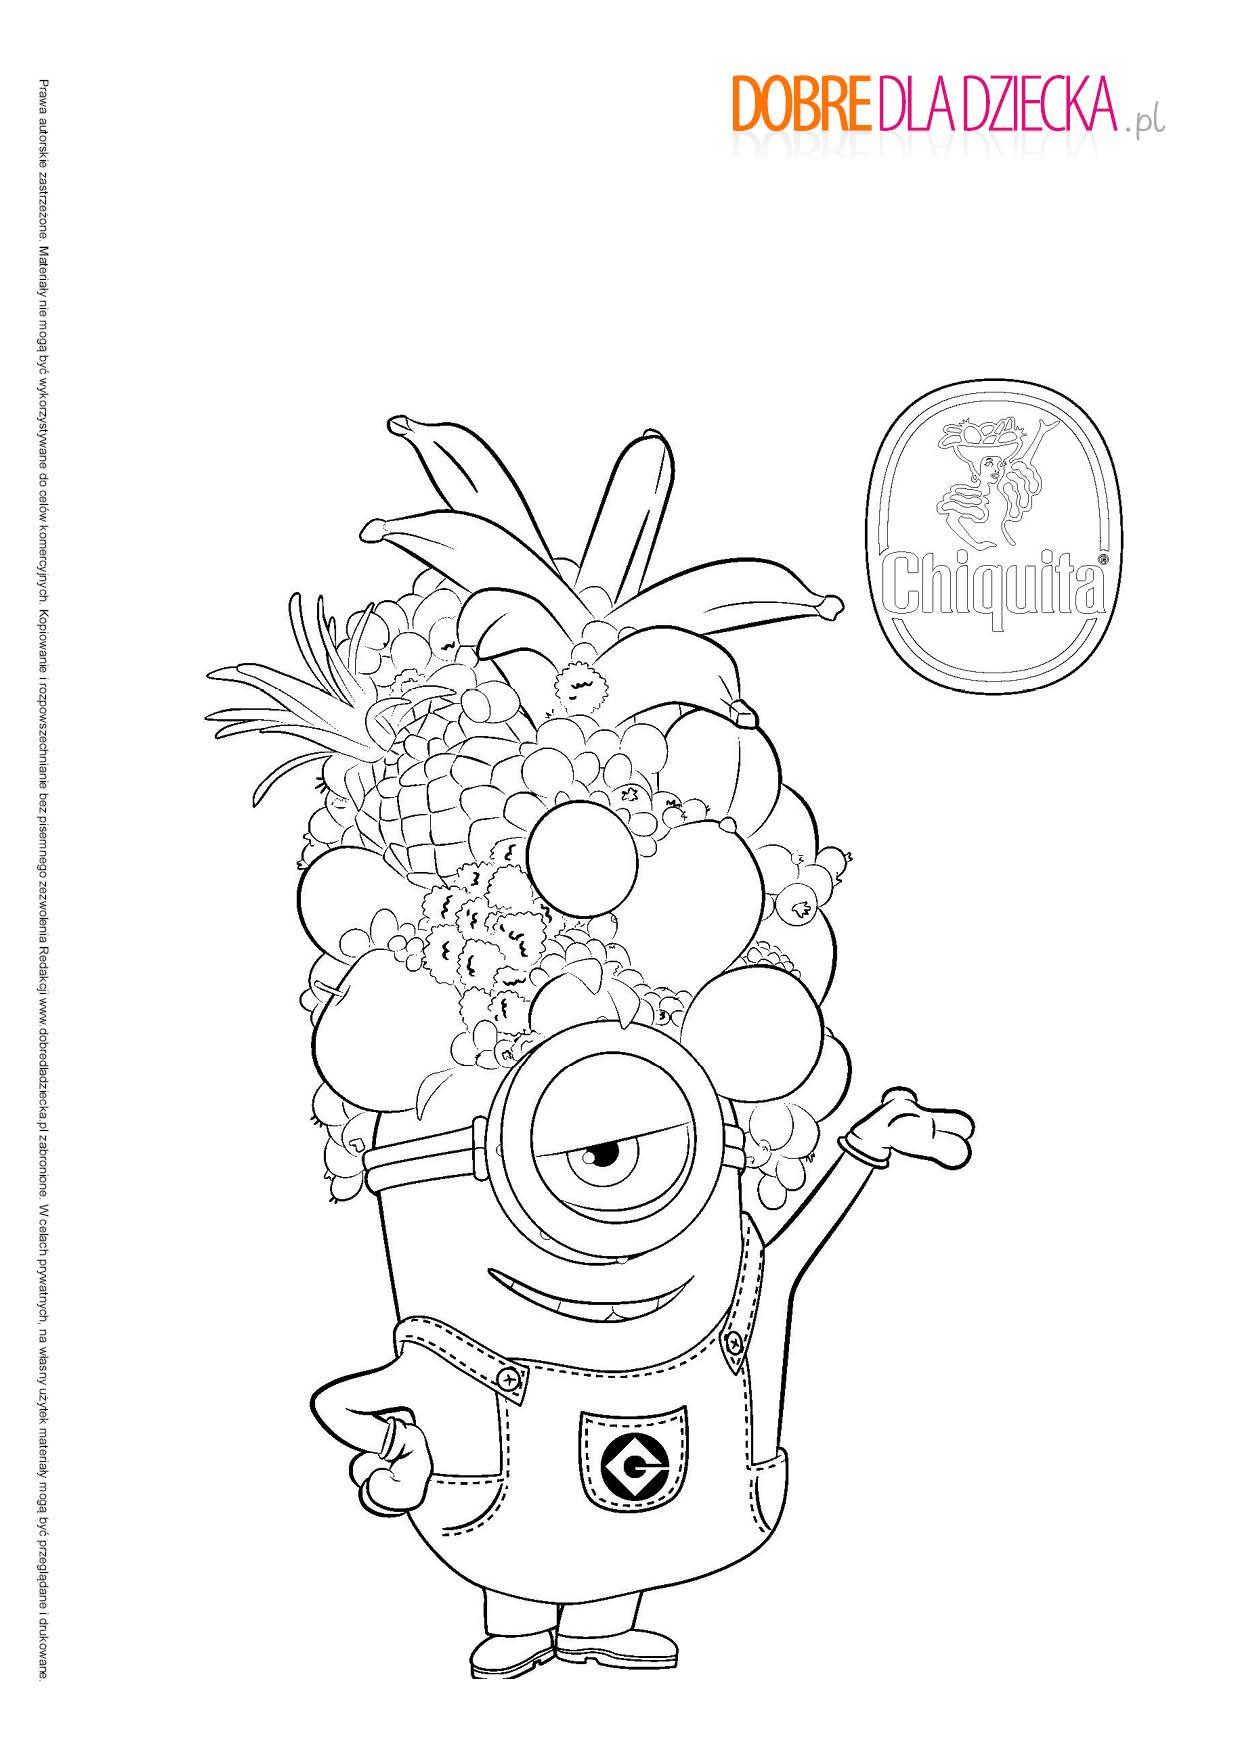 Dobredladziecka Kolorowanka Minionki Minions Coloring Pages Minion Coloring Pages Cartoon Coloring Pages